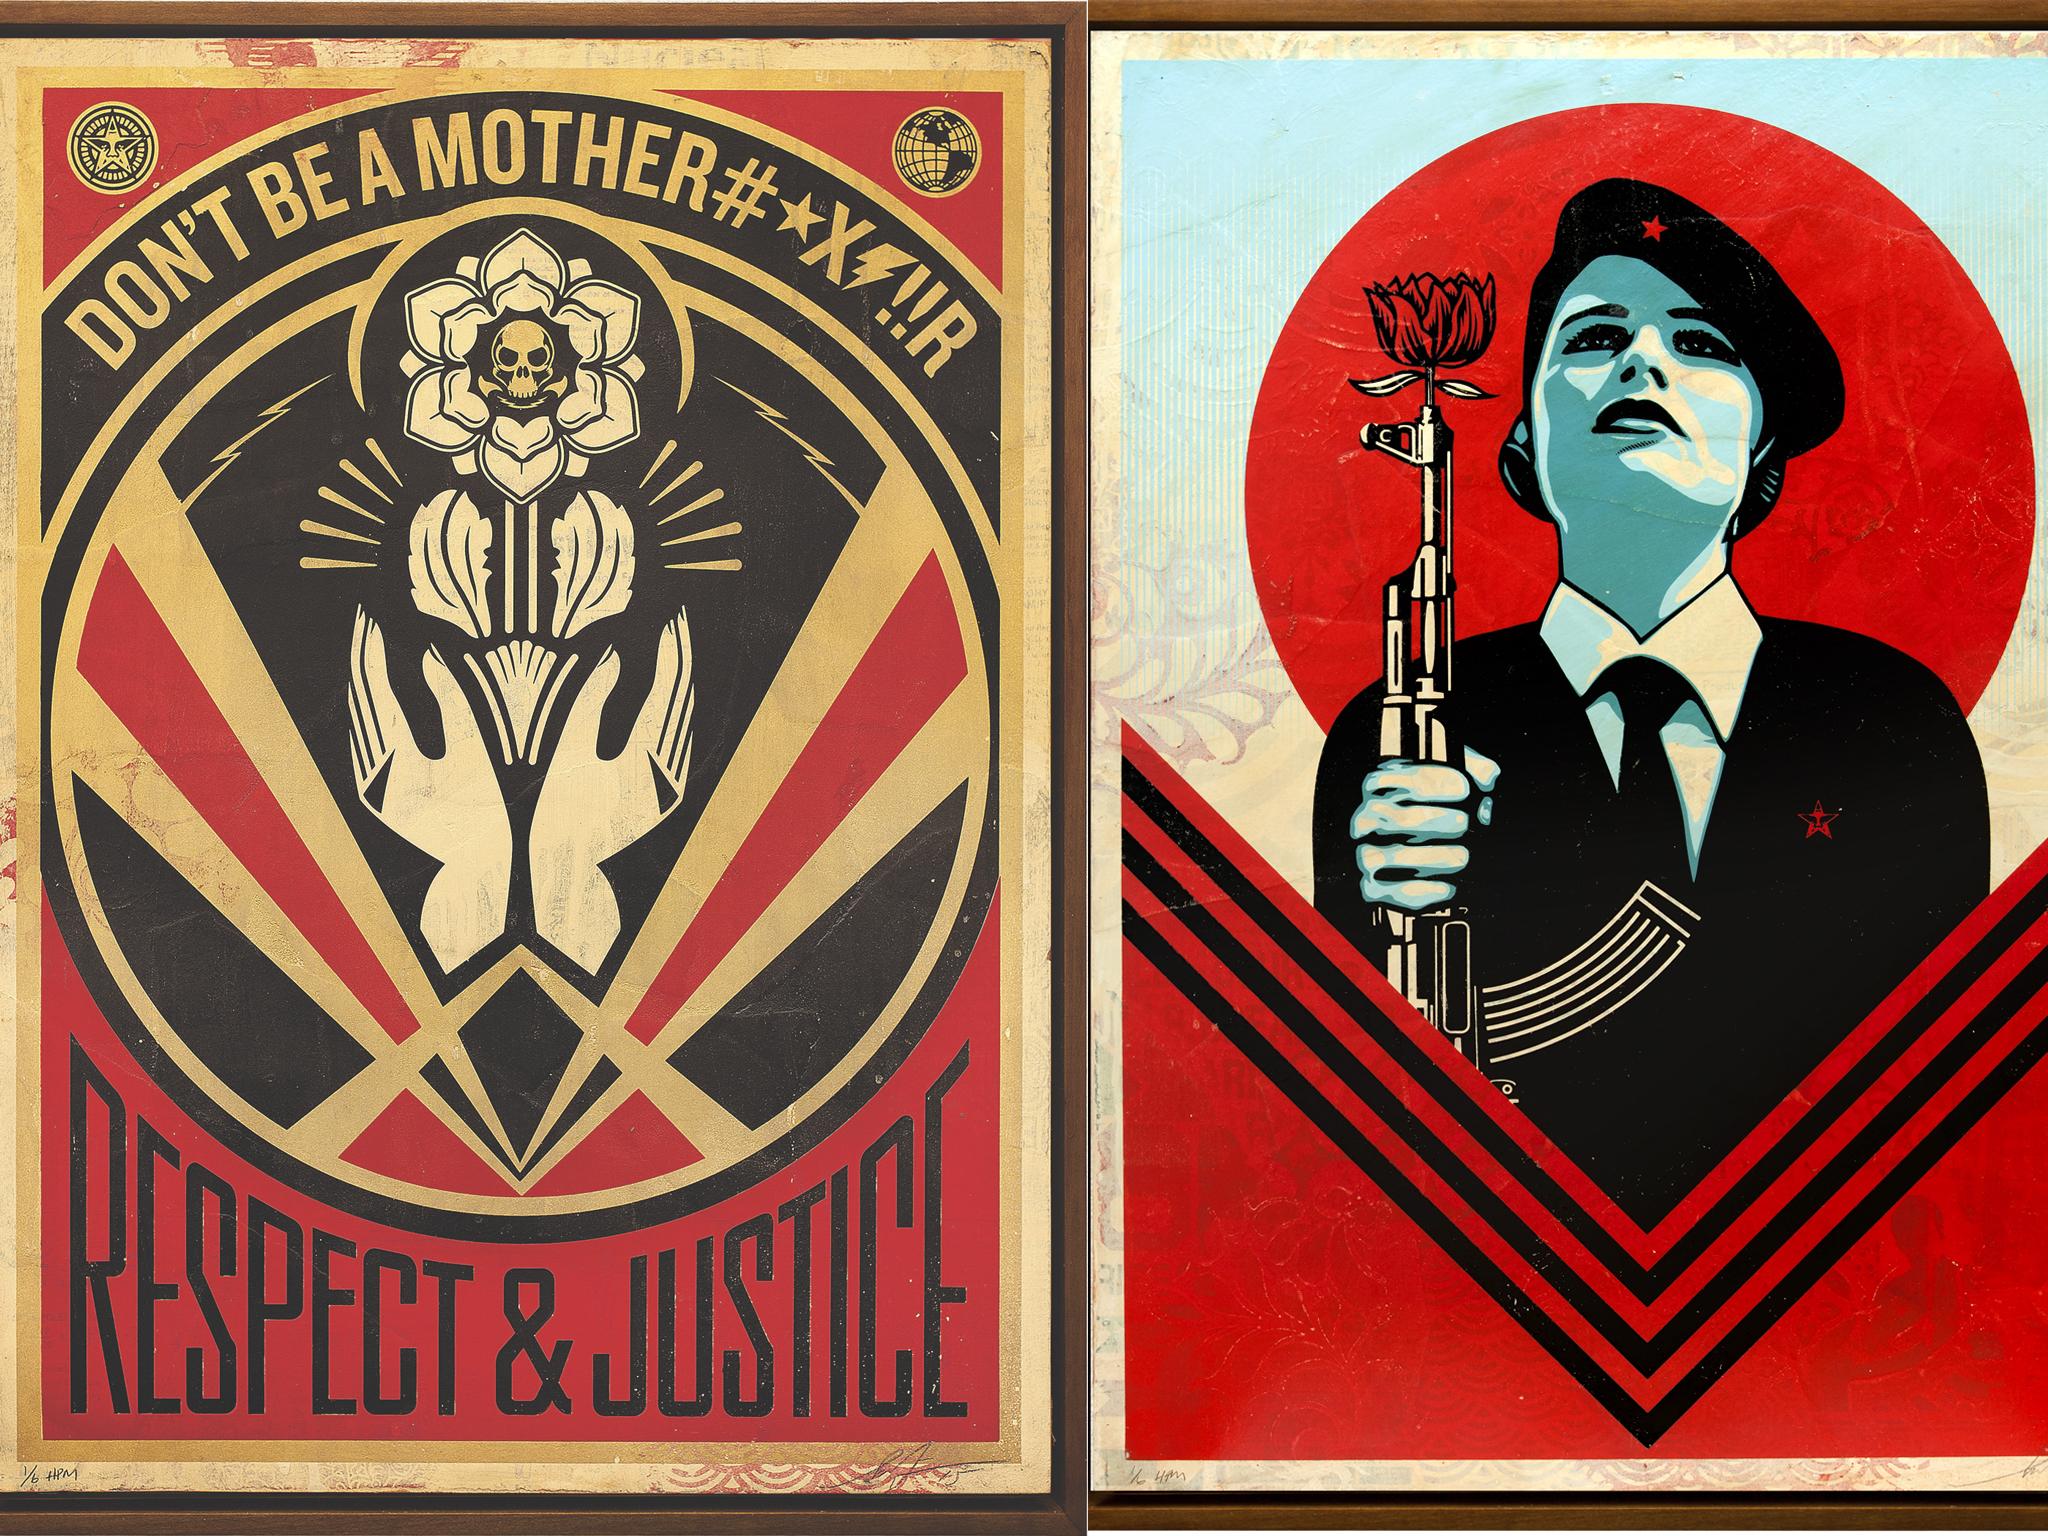 As colagens e serigrafias de Shepard Fairey chegam à Underdogs